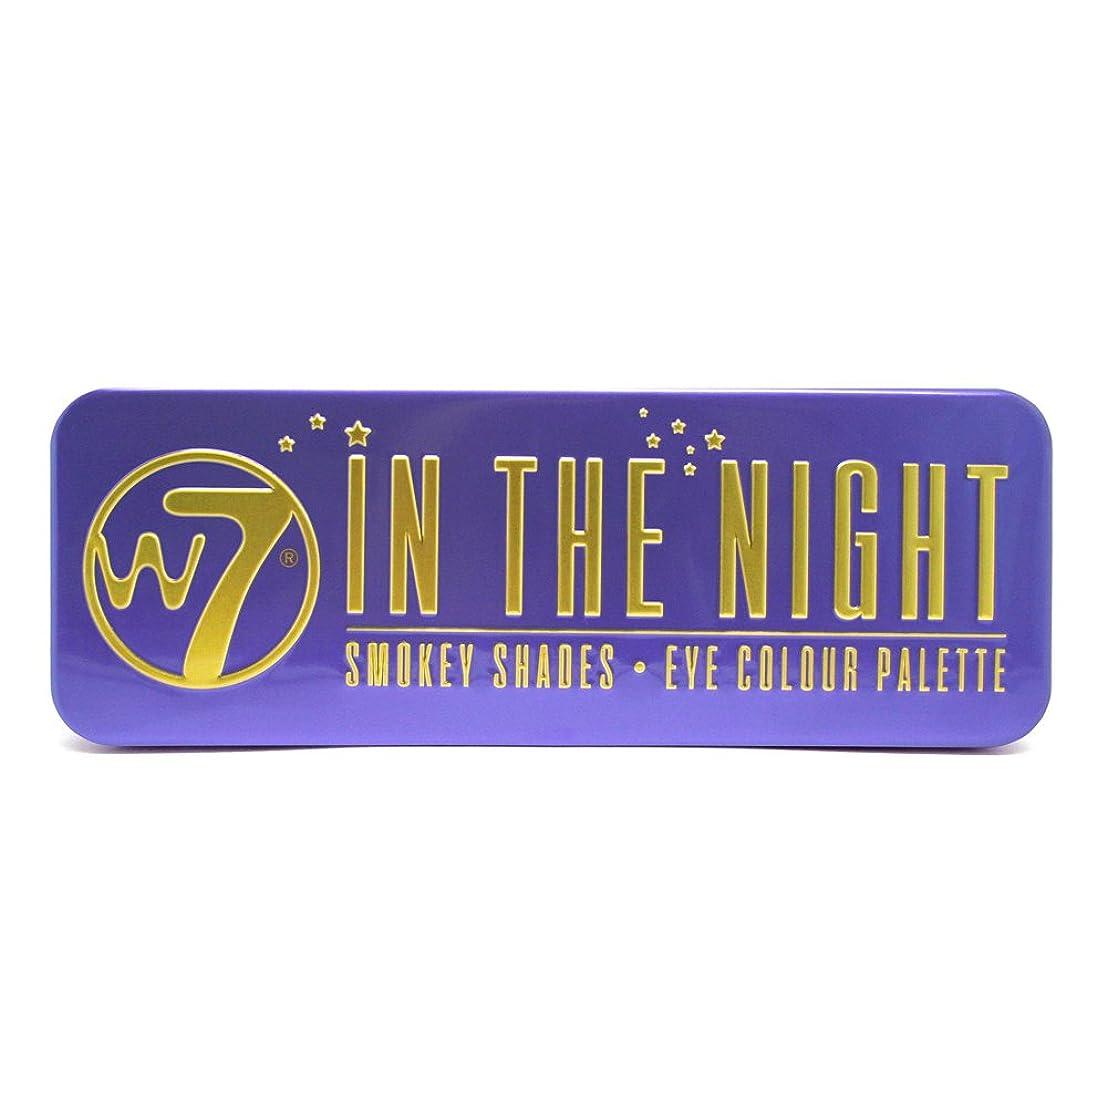 失効広まった賢明な(3 Pack) W7 In The Night Smokey Shades Eye Colour Palette (並行輸入品)